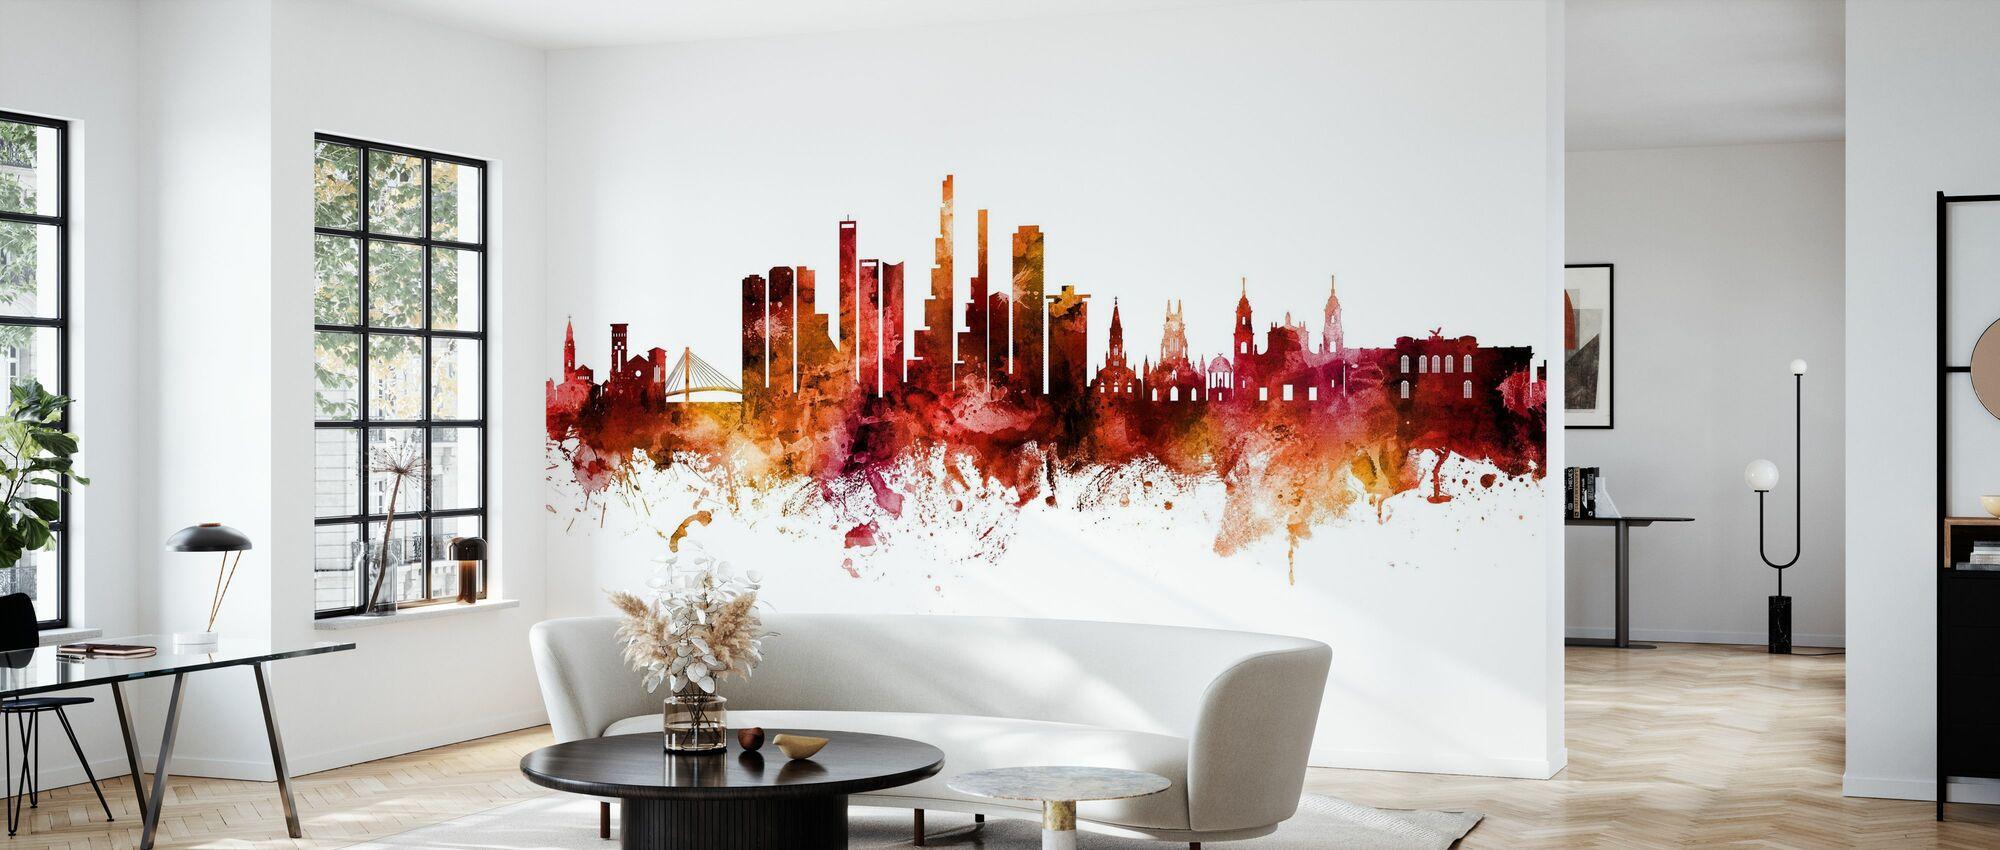 Bogota Colombia Skyline - Wallpaper - Living Room